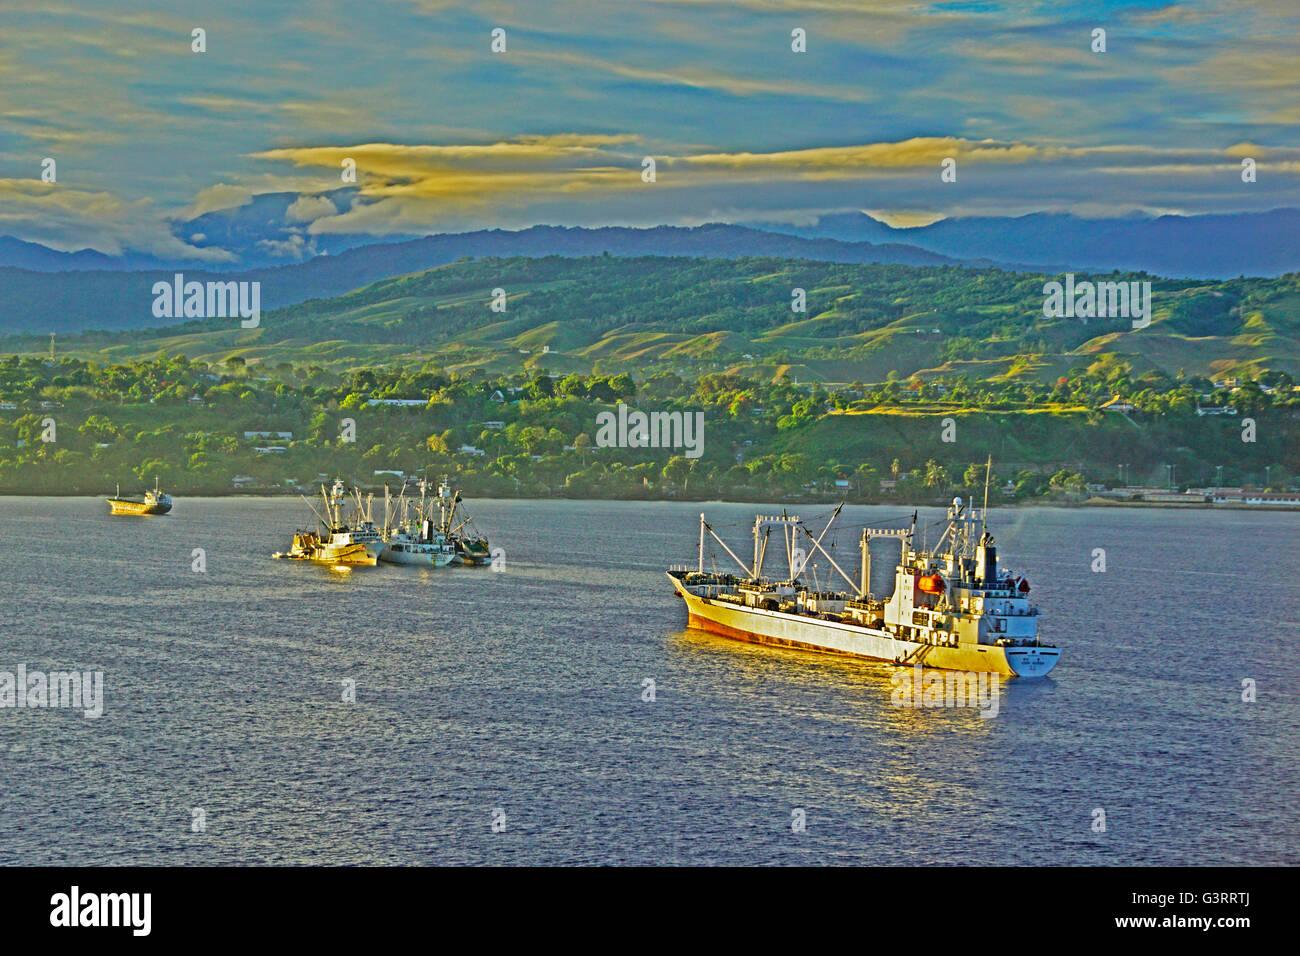 Le navi in ferro Suono di fondo, Guadalcanal, isole Salomone. Immagini Stock